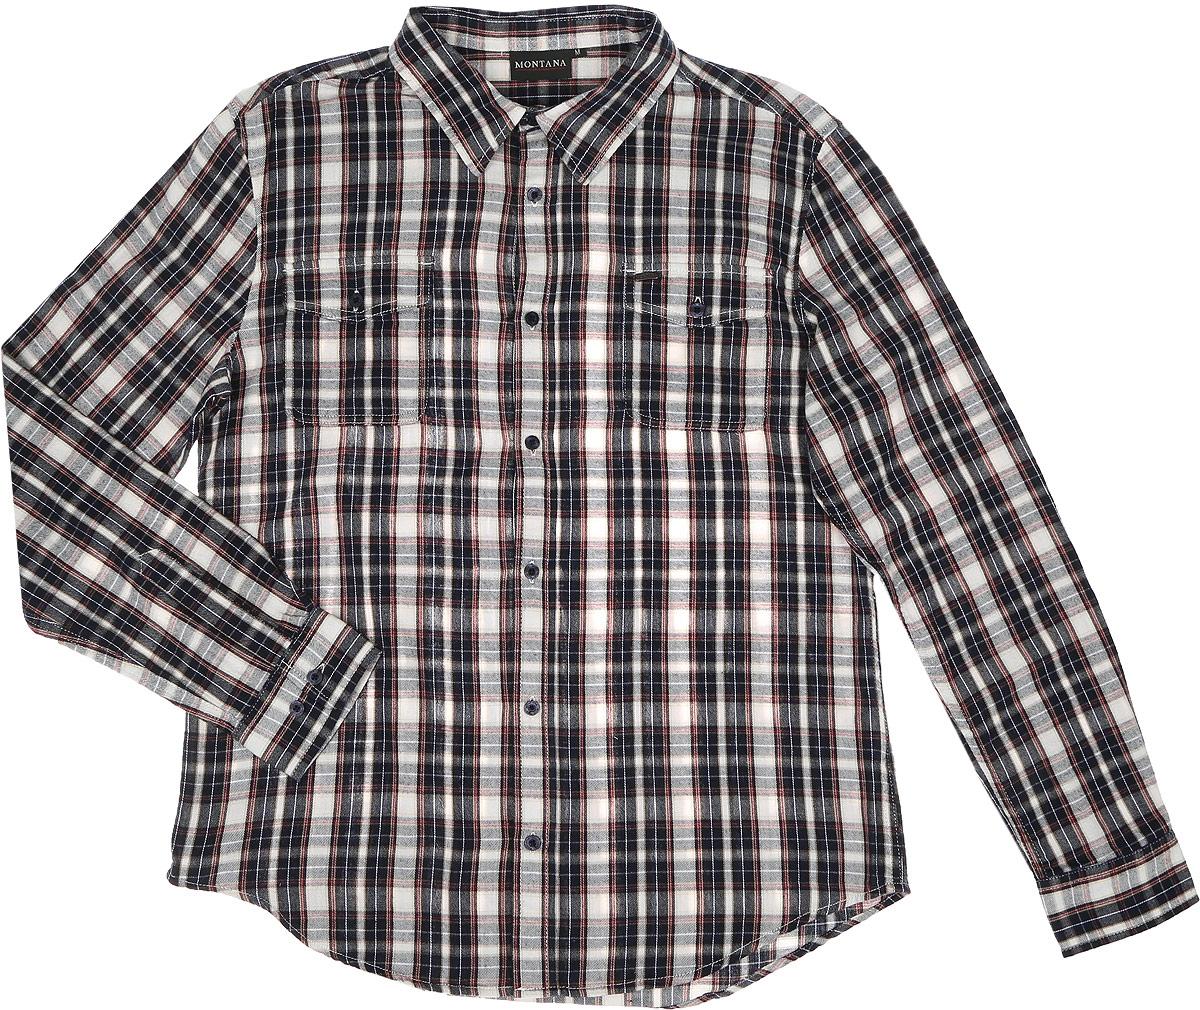 Рубашка мужская Montana, цвет: темно-синий, белый, бордовый. 11058. Размер XL (52)11058_CHECKСтильная мужская рубашка Montana, выполненная из натурального хлопка, позволяет коже дышать, тем самым обеспечивая наибольший комфорт при носке. Модель классического кроя с отложным воротником и длинными рукавами застегивается на пуговицы по всей длине. Манжеты рукавов дополнены застежками-пуговицами. Модель дополнена на груди двумя накладными карманами с клапанами на пуговицах.